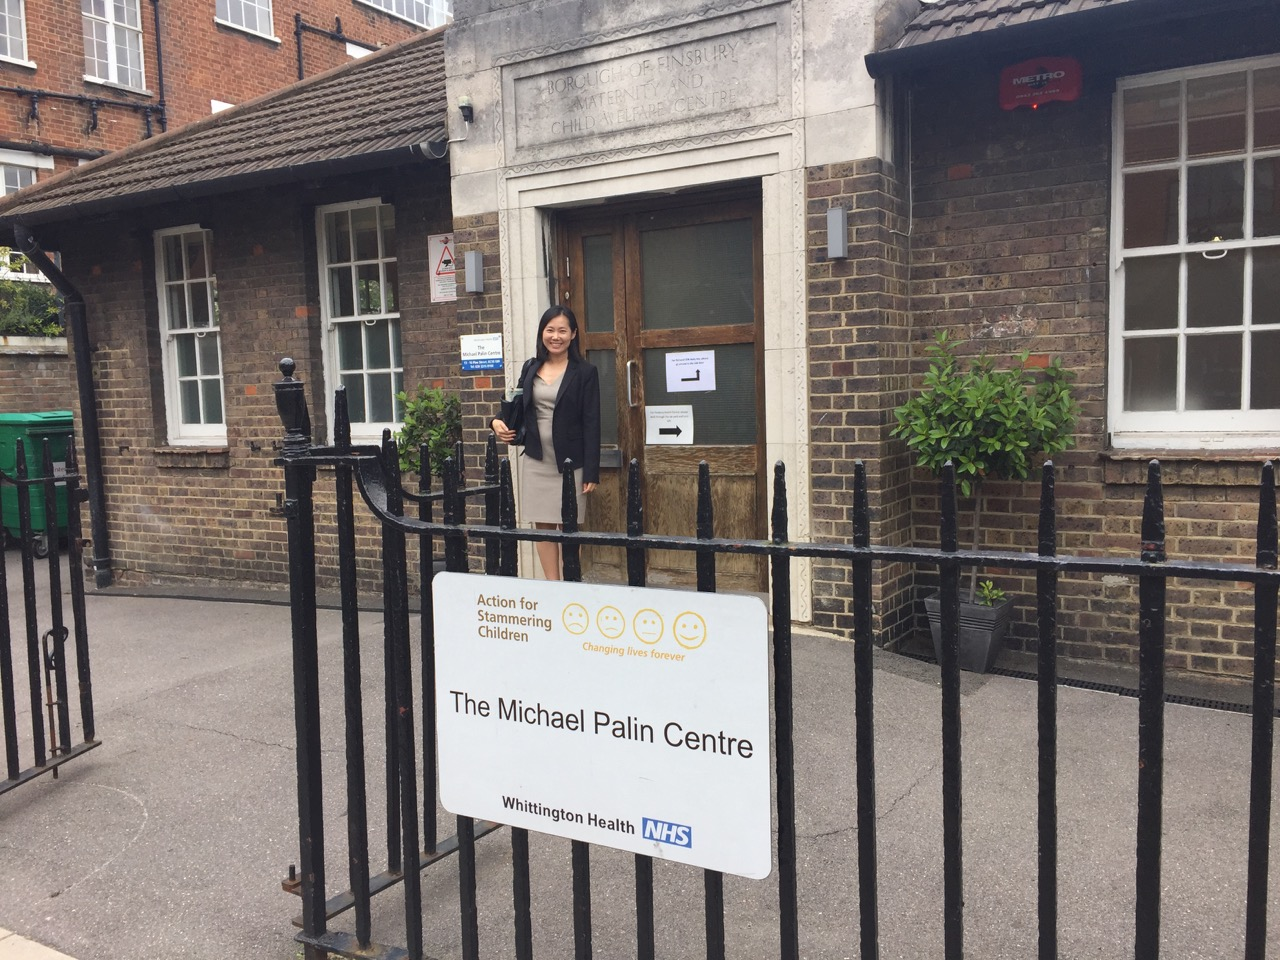 Dr. Chang at the Michael Palin Centre, July 2016.